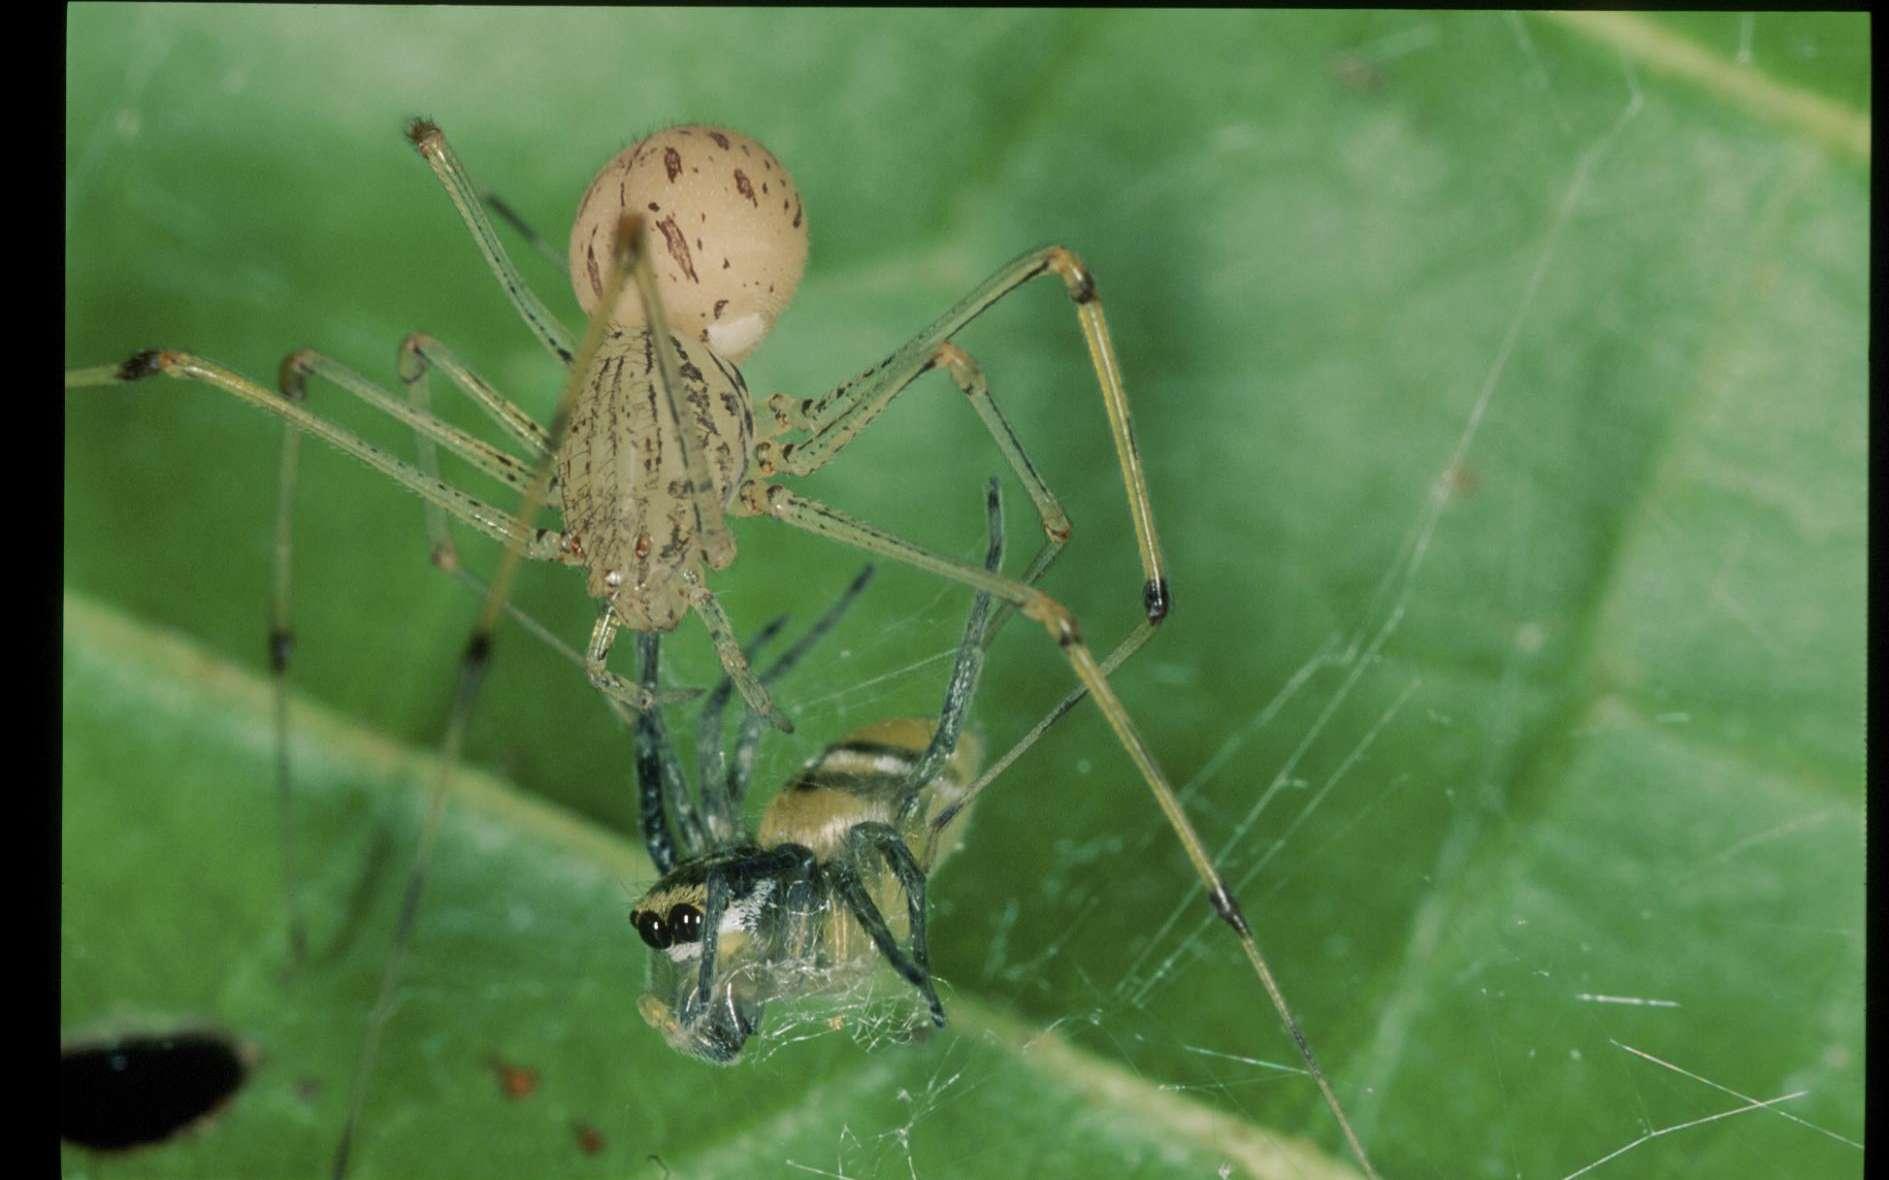 L'araignée prédatrice Scytodes peut cracher à longue distance sur sa proie, l'araignée Phintella, et lui envoyer une sorte de gomme collante. Phintella est retenue dans cette colle suffisamment longtemps pour que l'araignée prédatrice s'approche, la capture en injectant du venin et en l'enveloppant dans ses filets de soie. © Robert Jackson, université de Canterbury